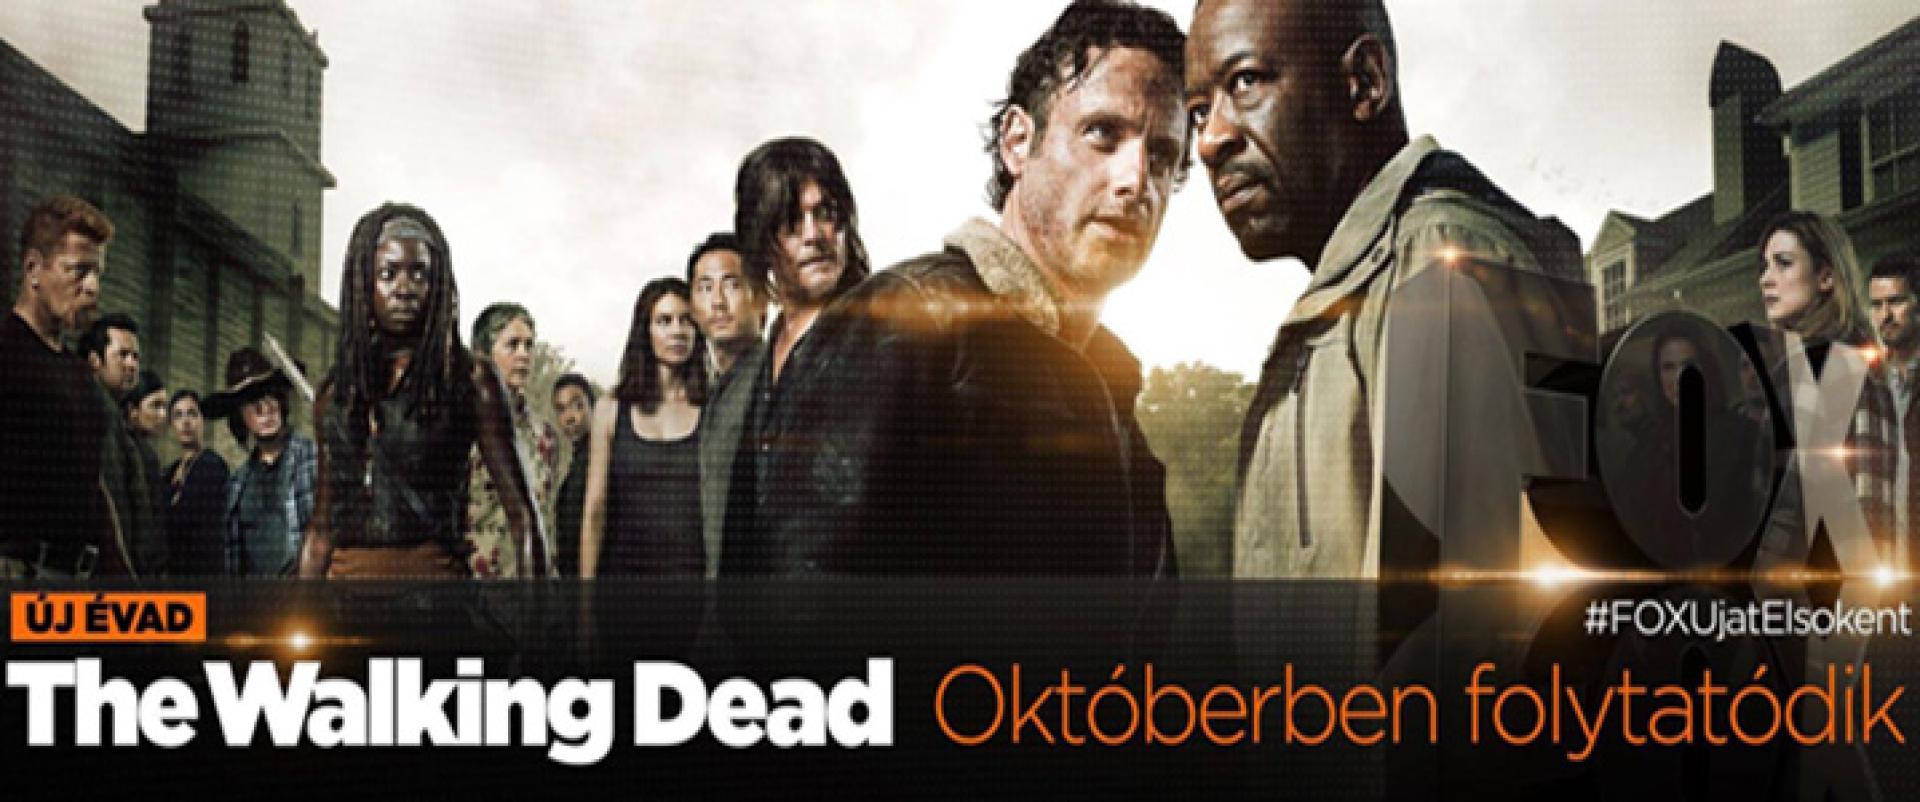 The Walking Dead-novellapályázat